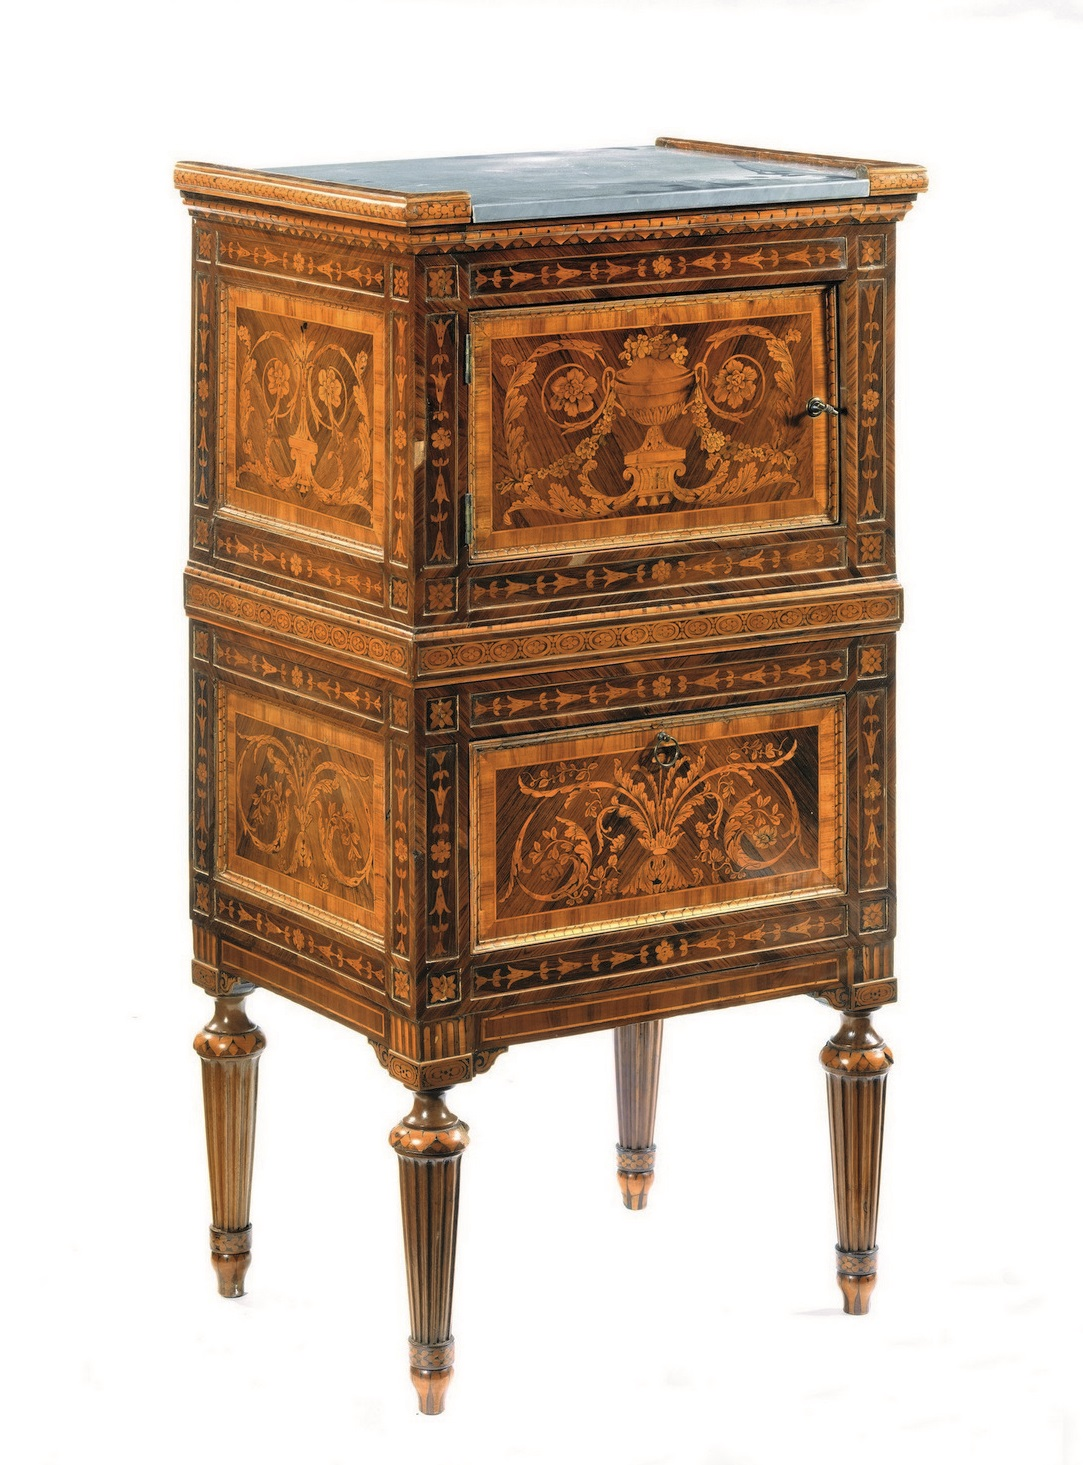 Importanti mobili arredi e oggetti d 39 arte porcellane e for Mobili e arredi